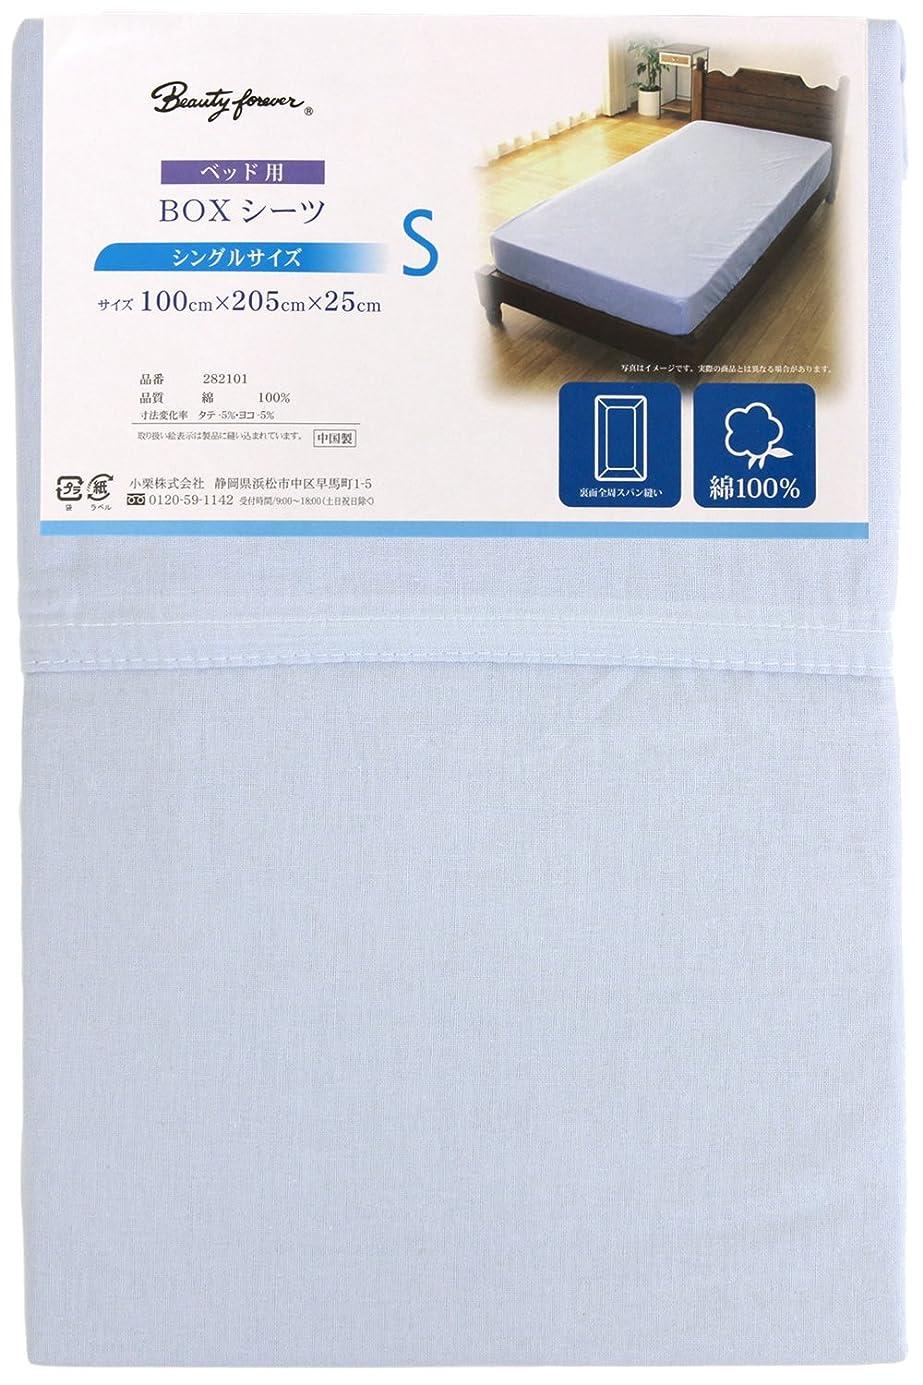 東部こんにちは海外でメリーナイト 綿100% ベッドシーツ シングル サックス 282101-76